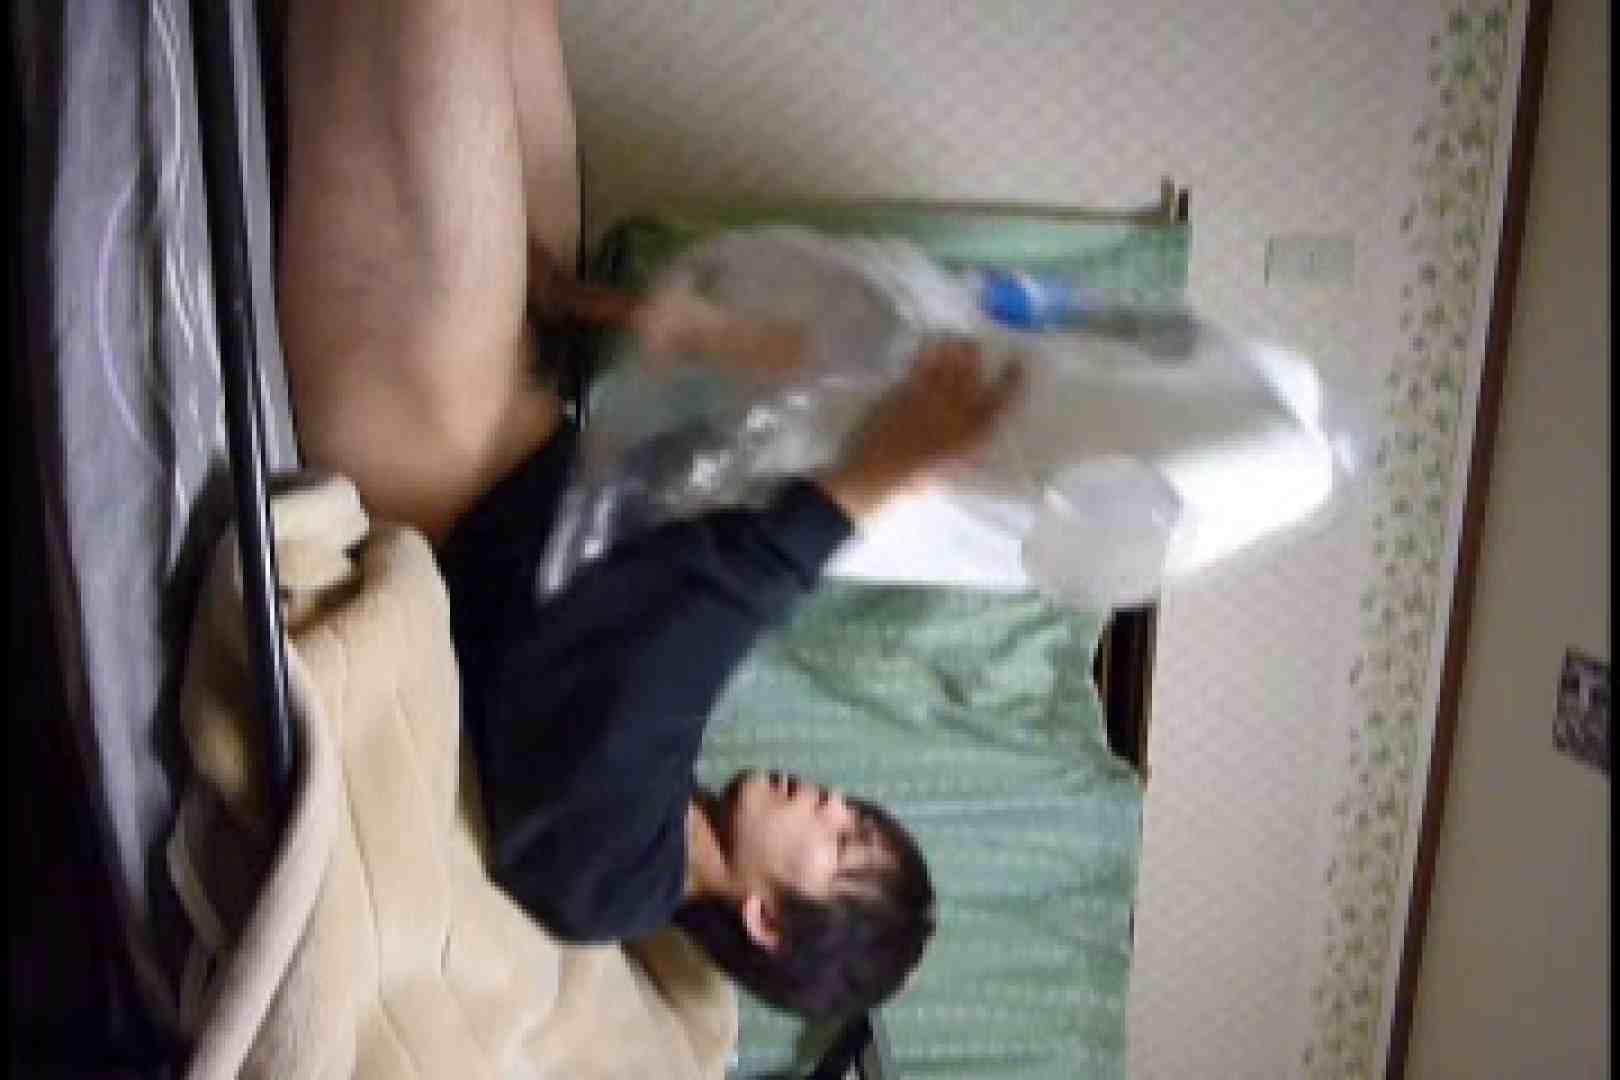 オナ好きノンケテニス部員の自画撮り投稿vol.08 ノンケ一筋 ゲイヌード画像 102pic 99